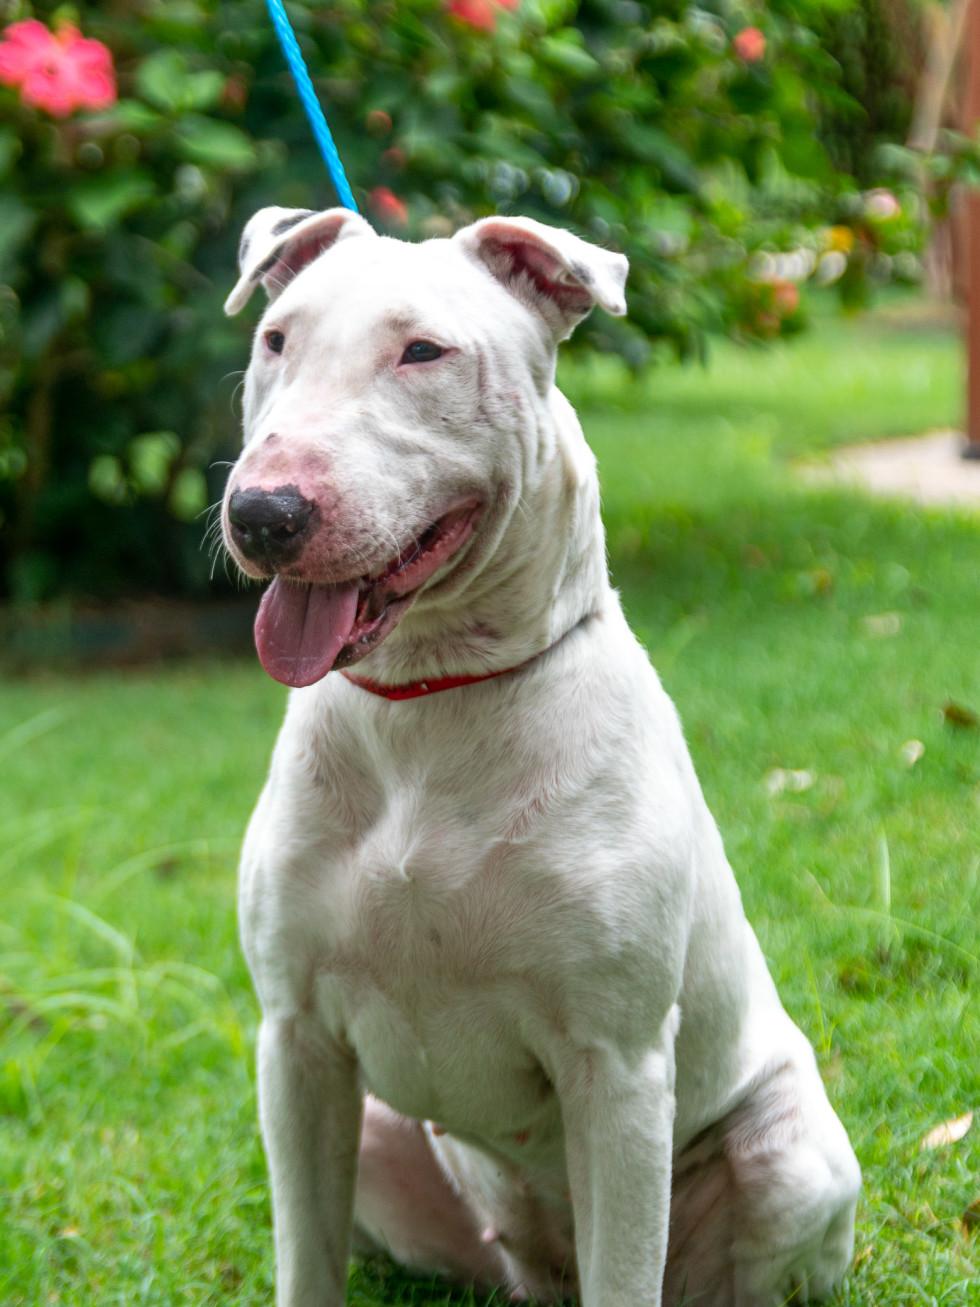 Pet of the week - Lola bull terrier